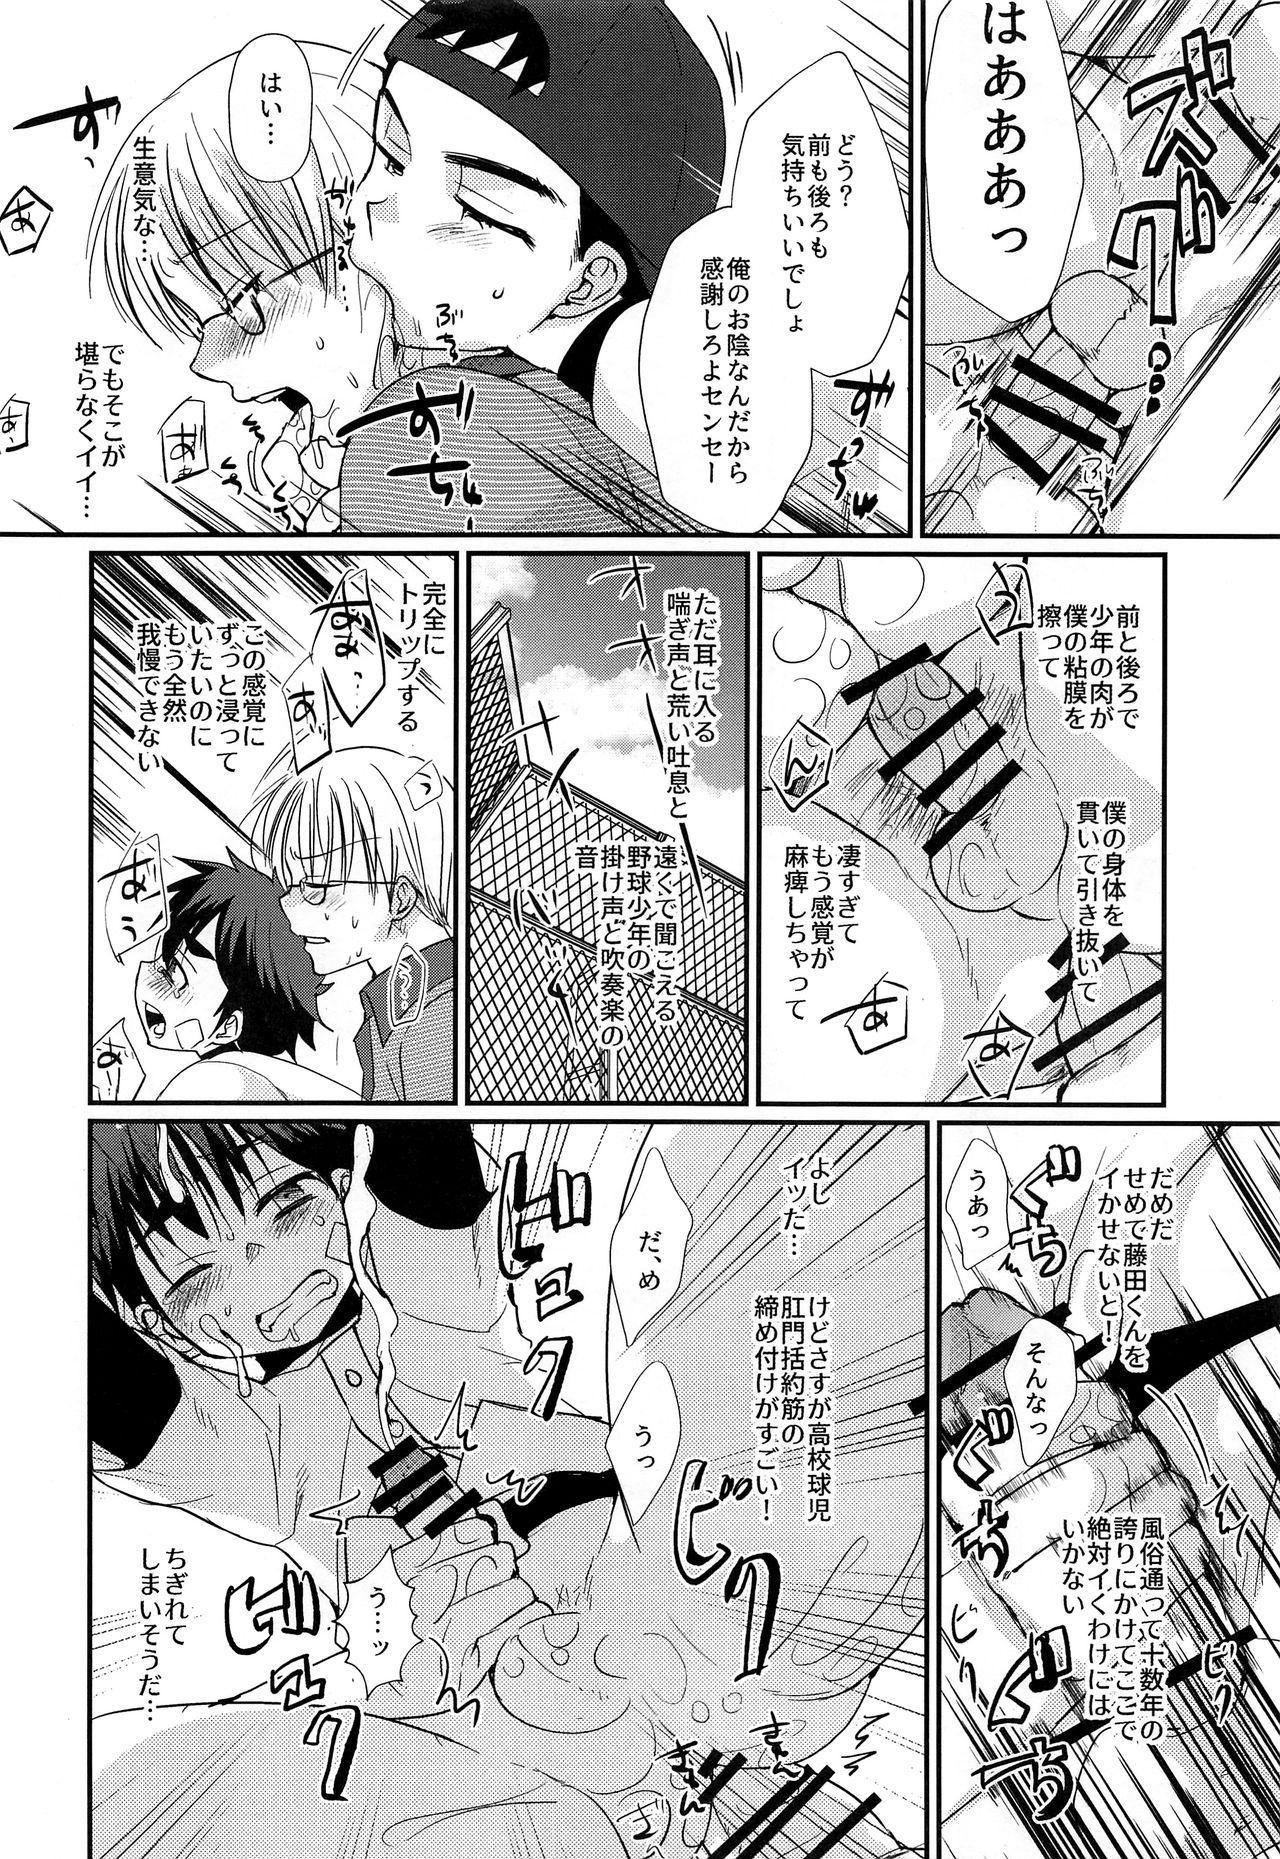 Tokumori! Shota Fuuzoku Saizensen 21